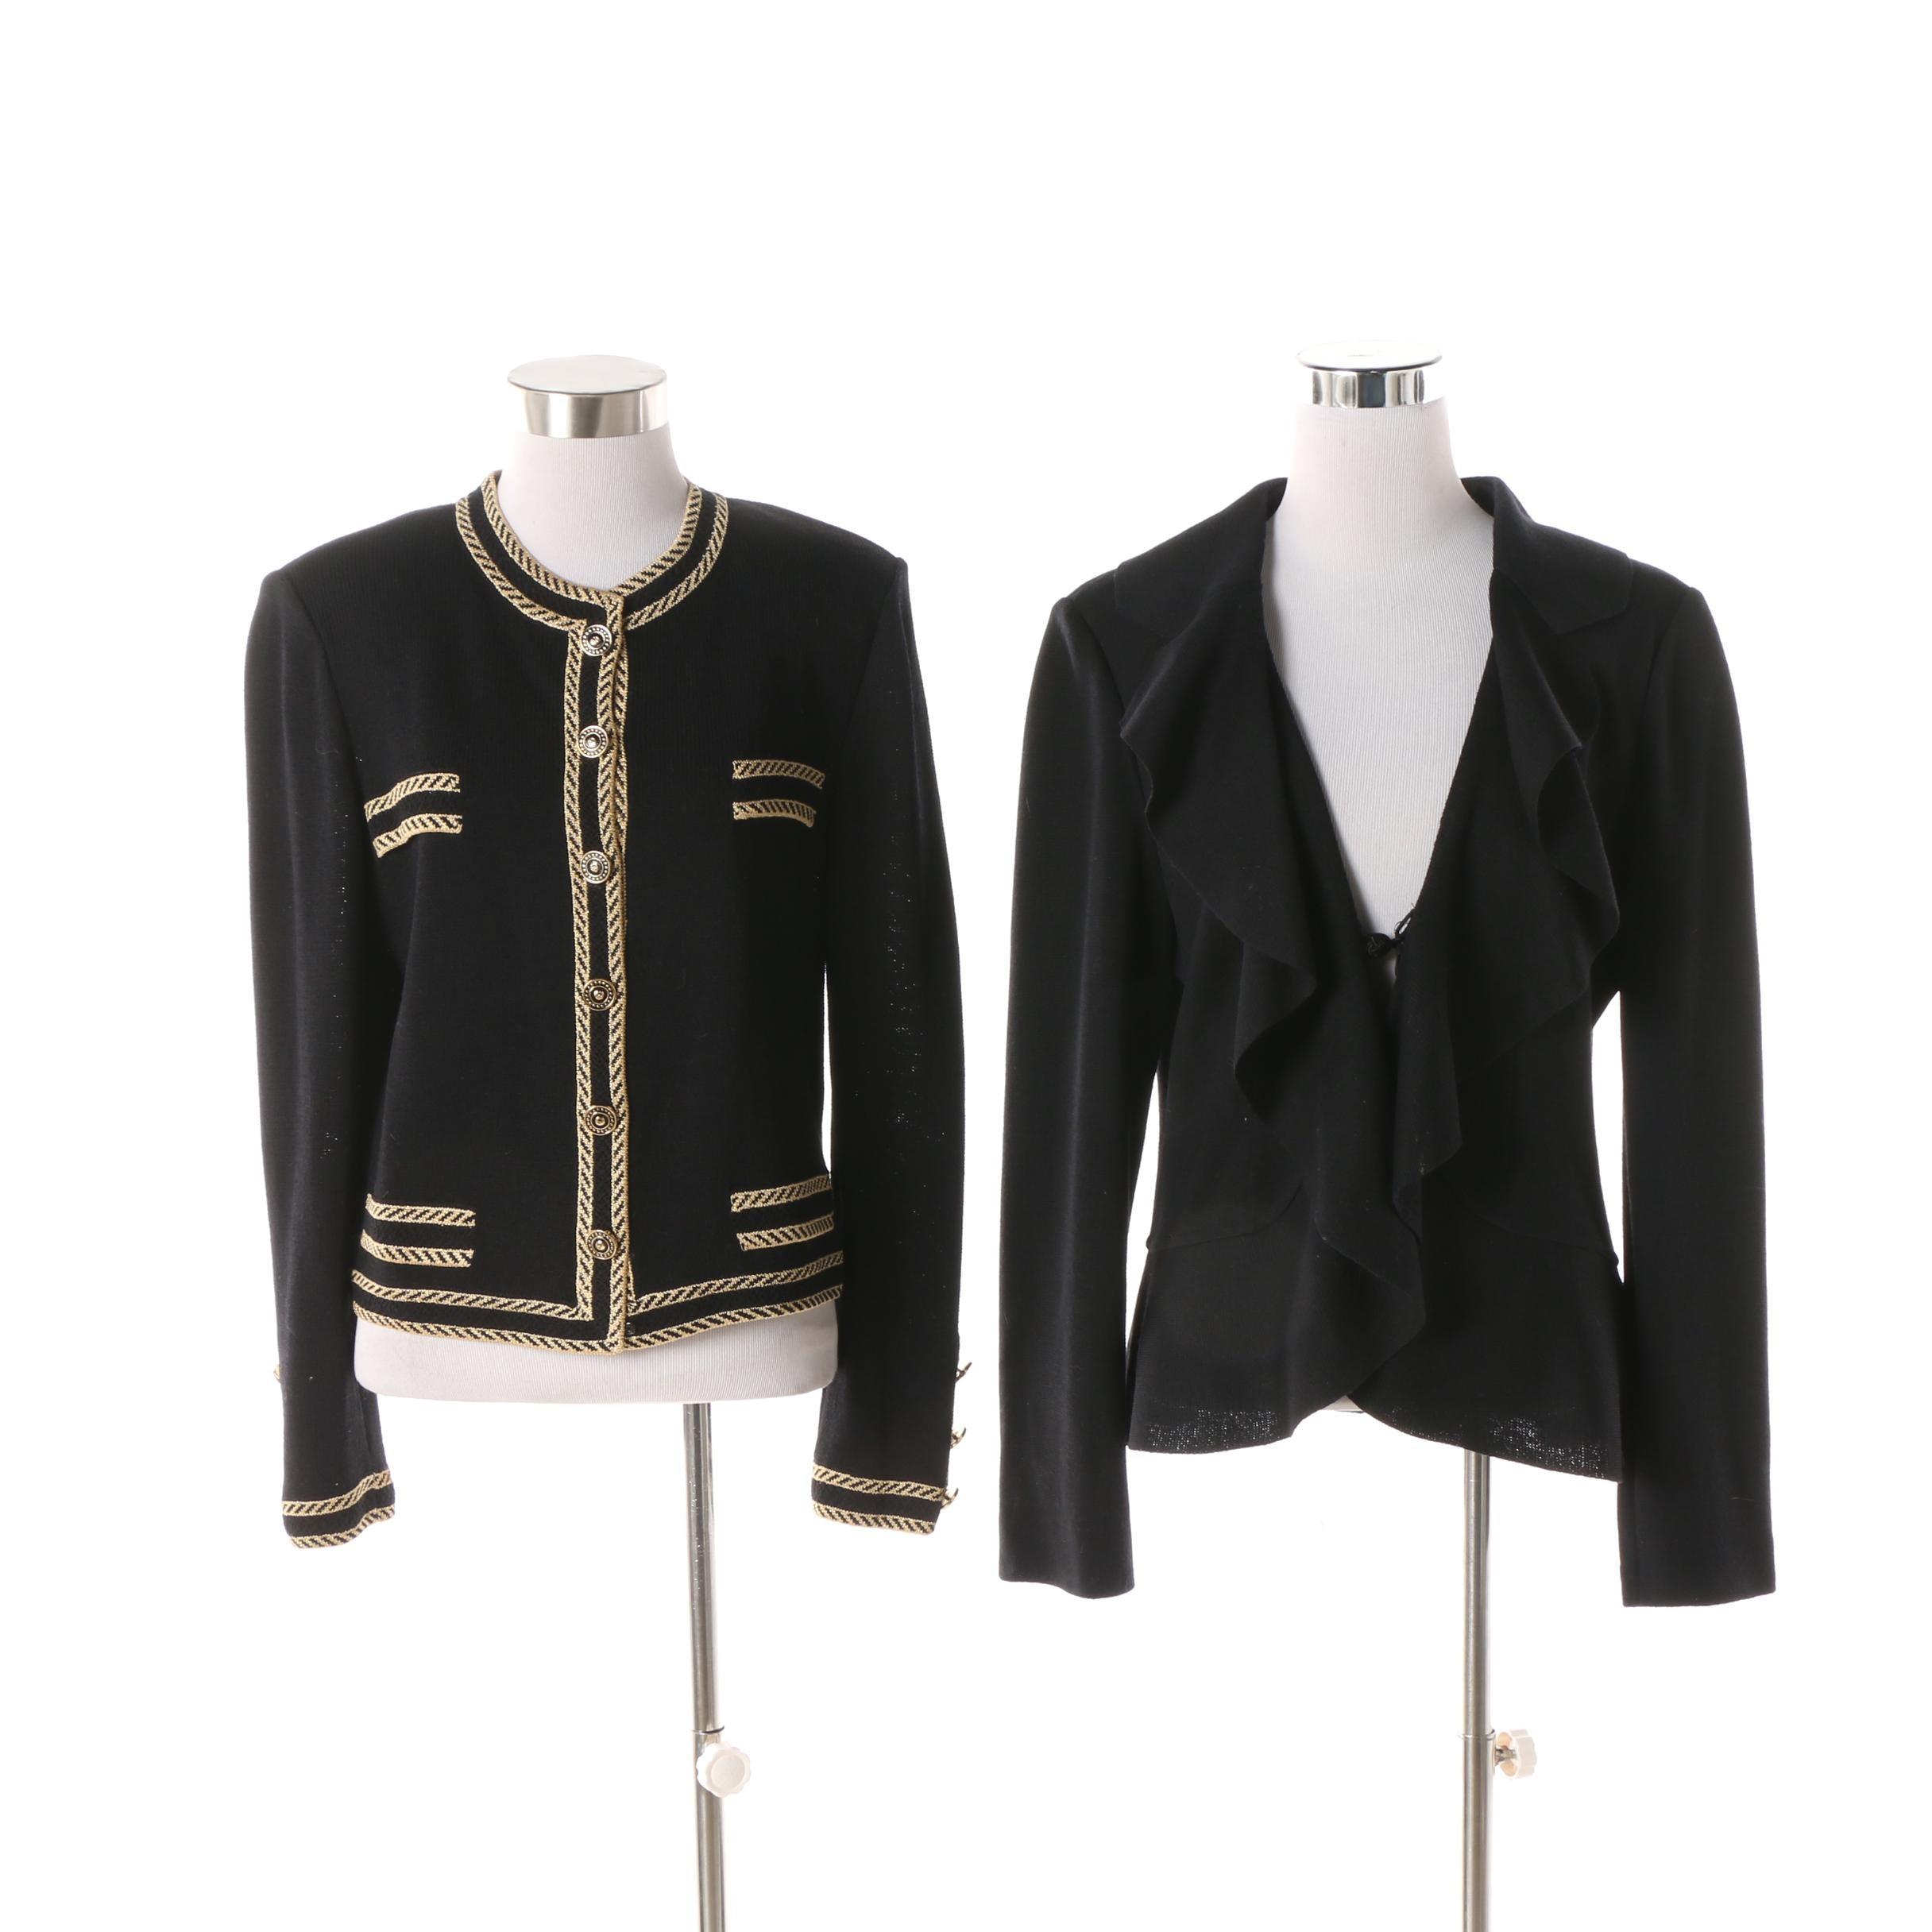 St. John Brands Black Knit Jackets